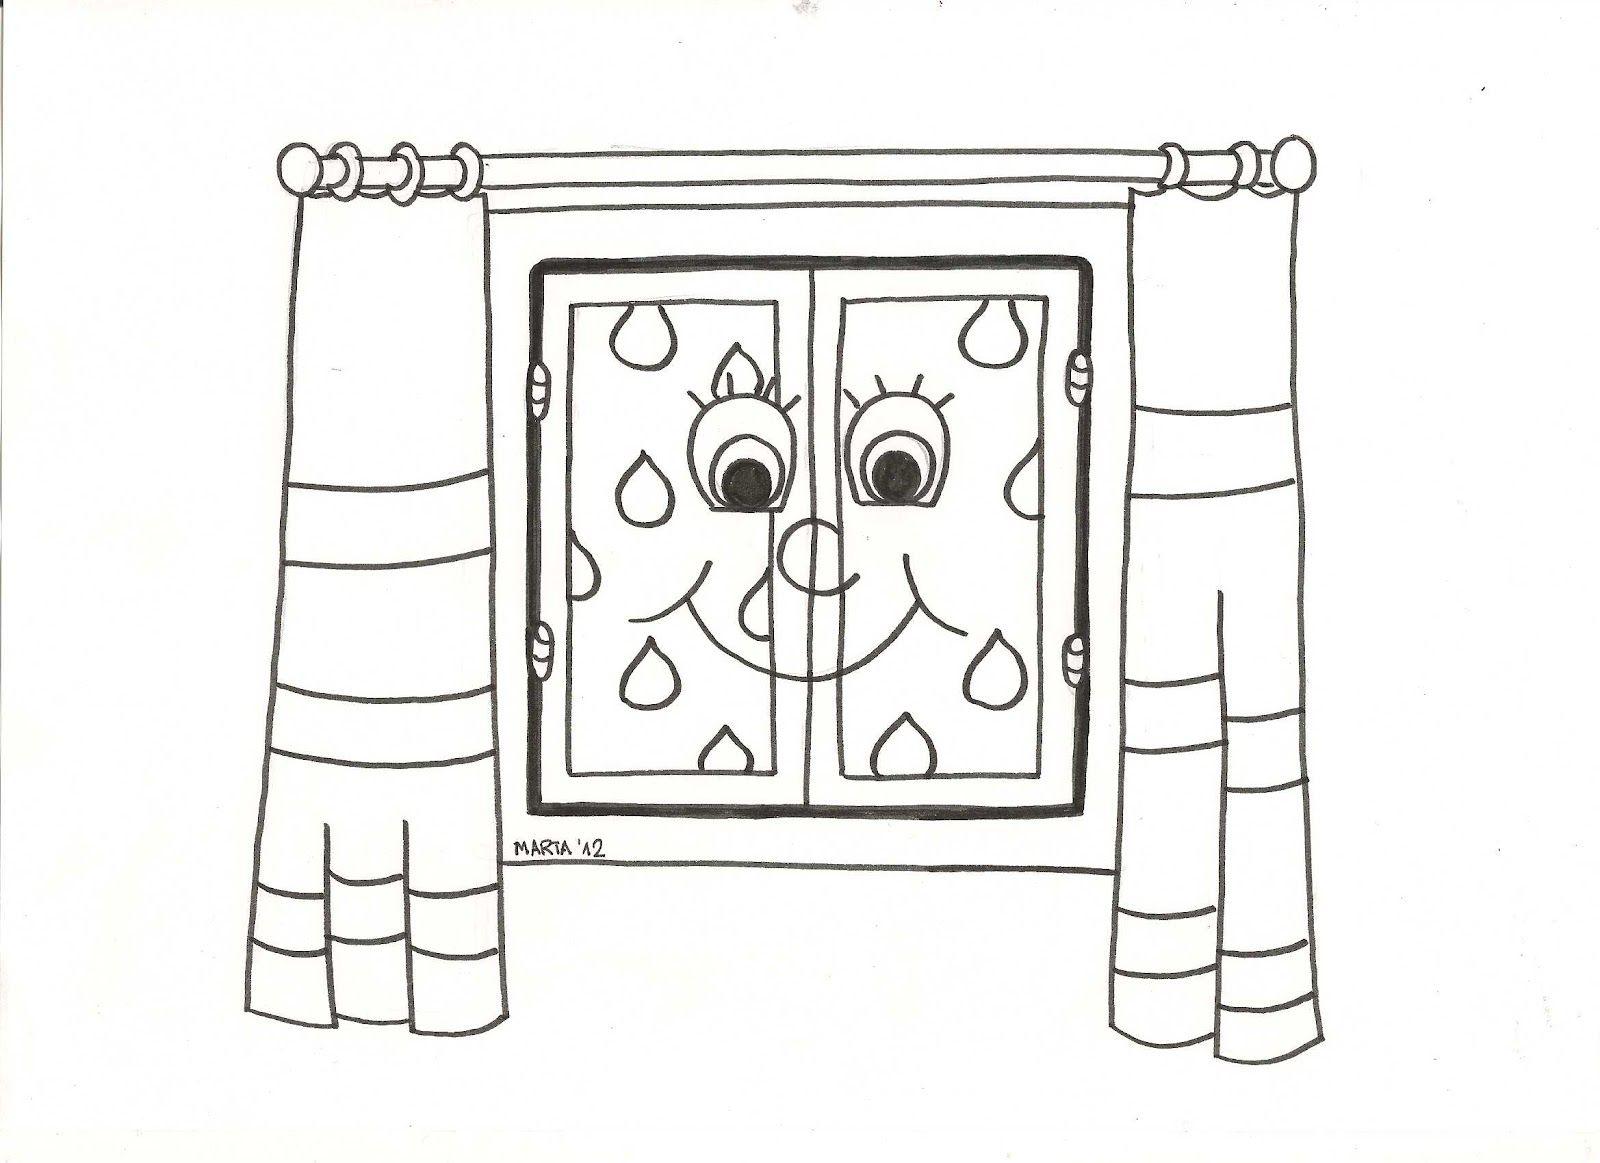 Cosetes D Infantil Imatges Conte Del Quadrat